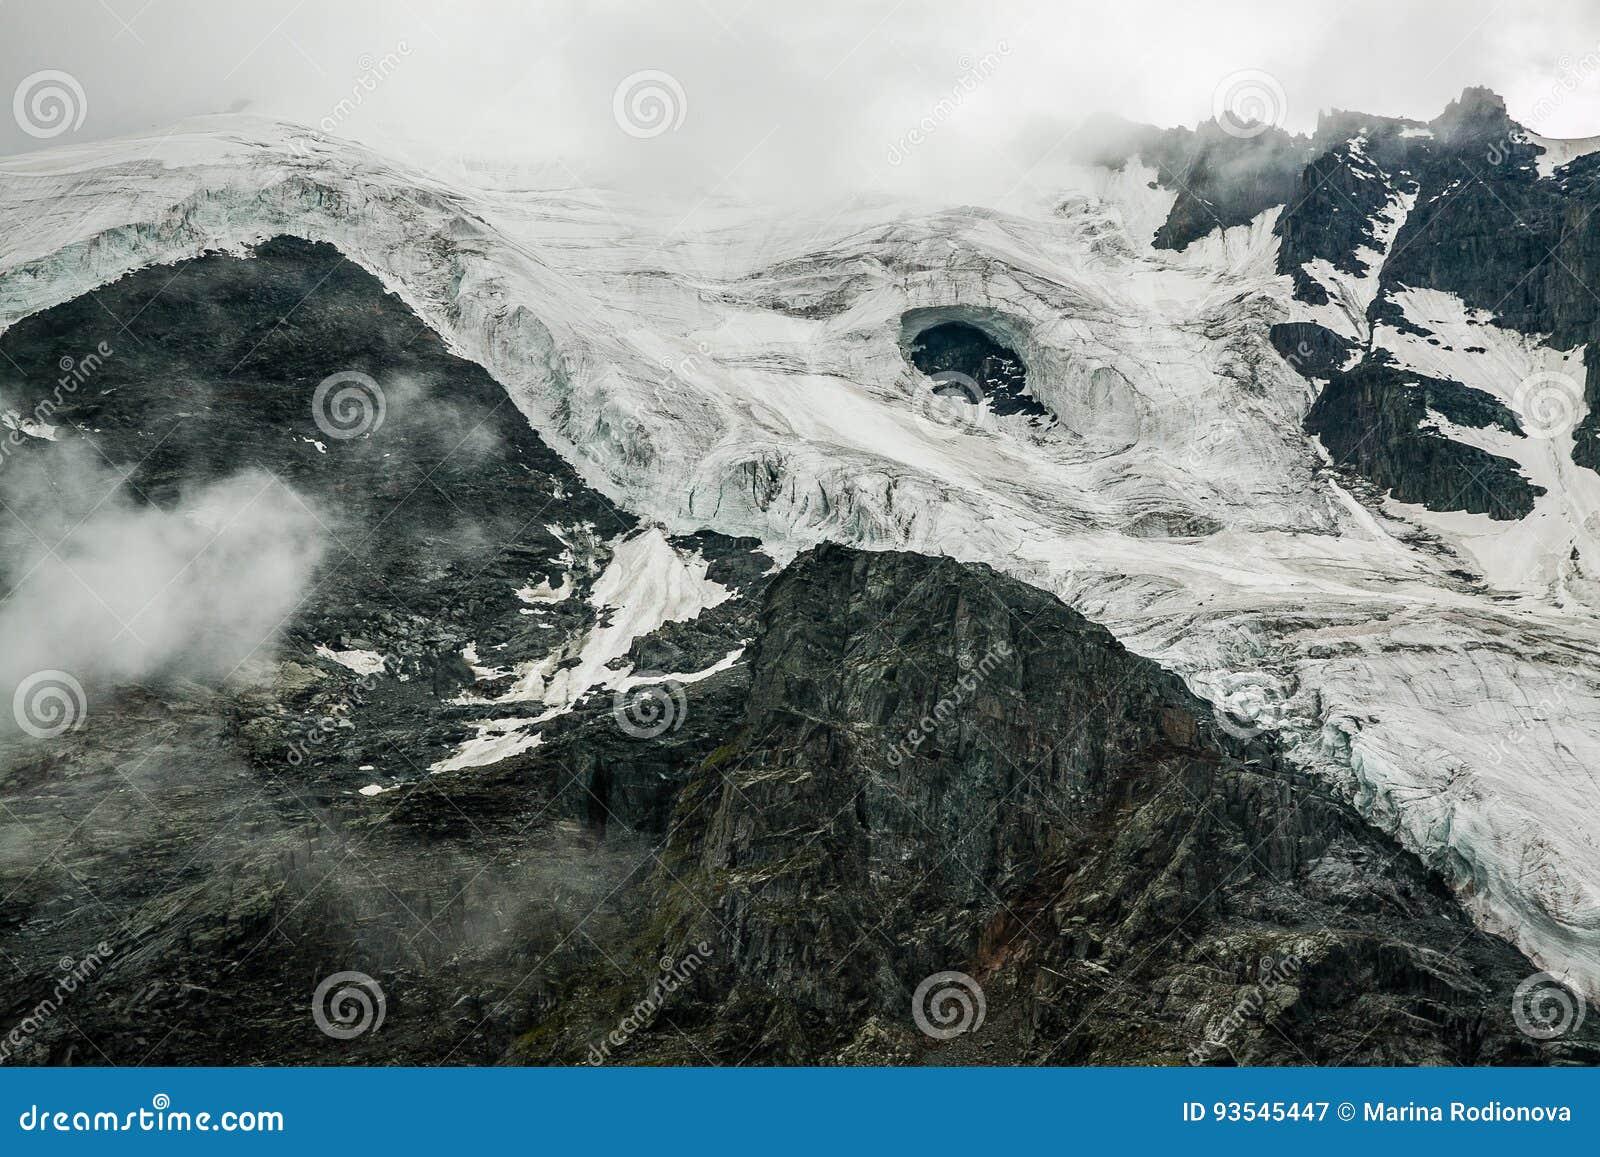 Destroyed and melting glacier